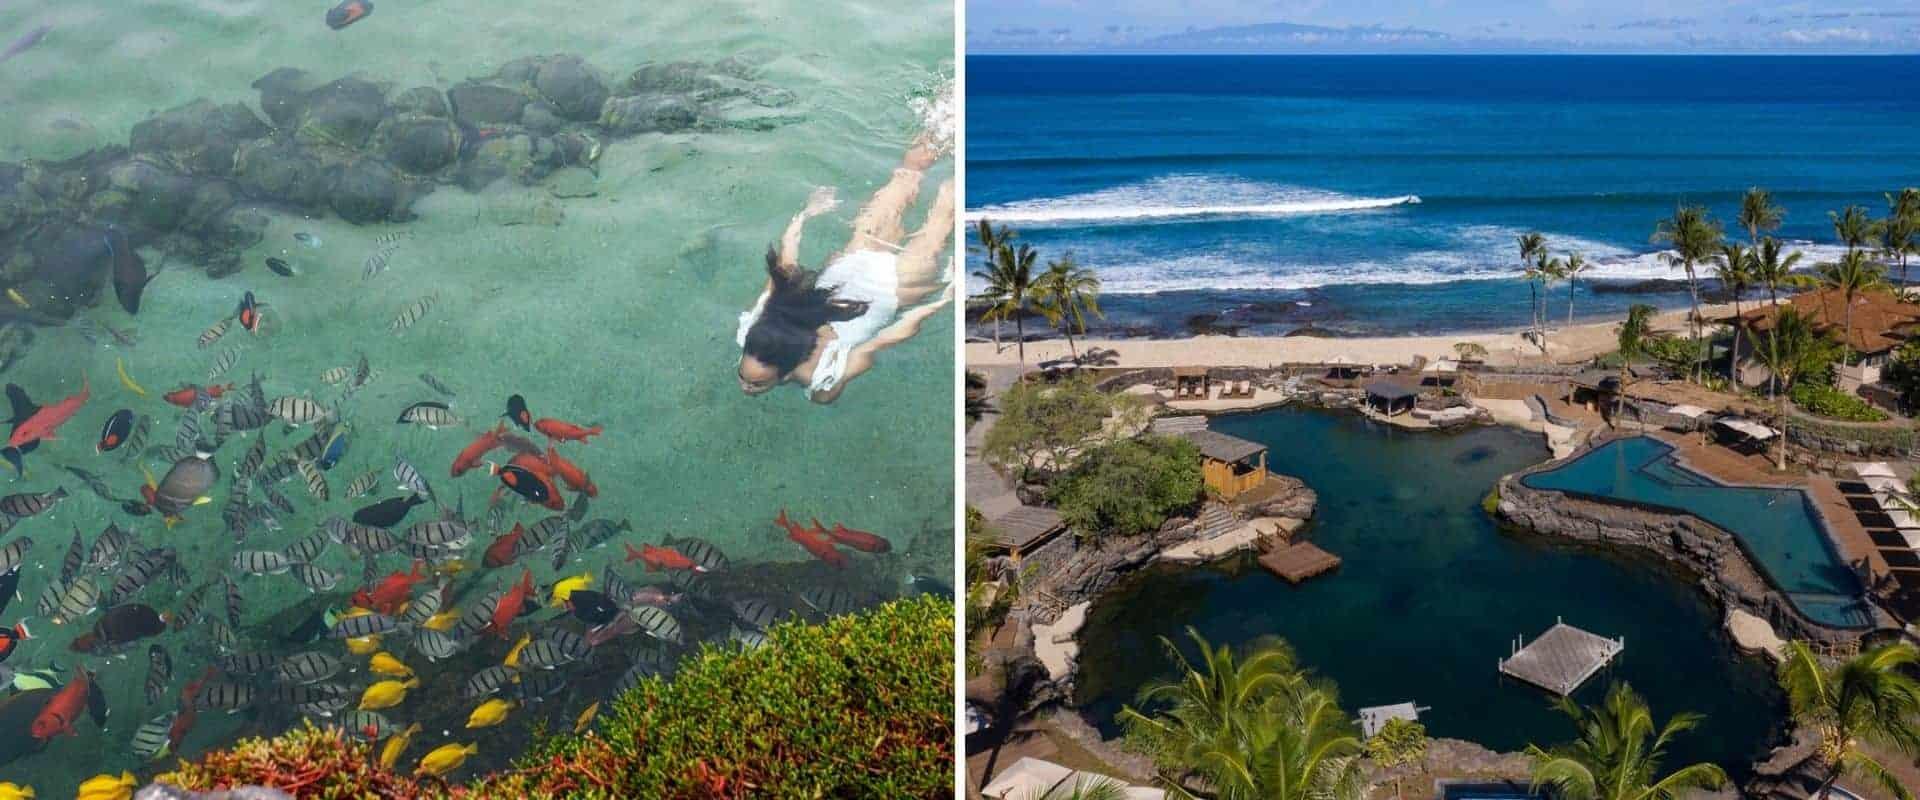 El Four Seasons Resort de Hawái cuenta con su propio acuario y la posibilidad de bucear junto a biólogos marinos